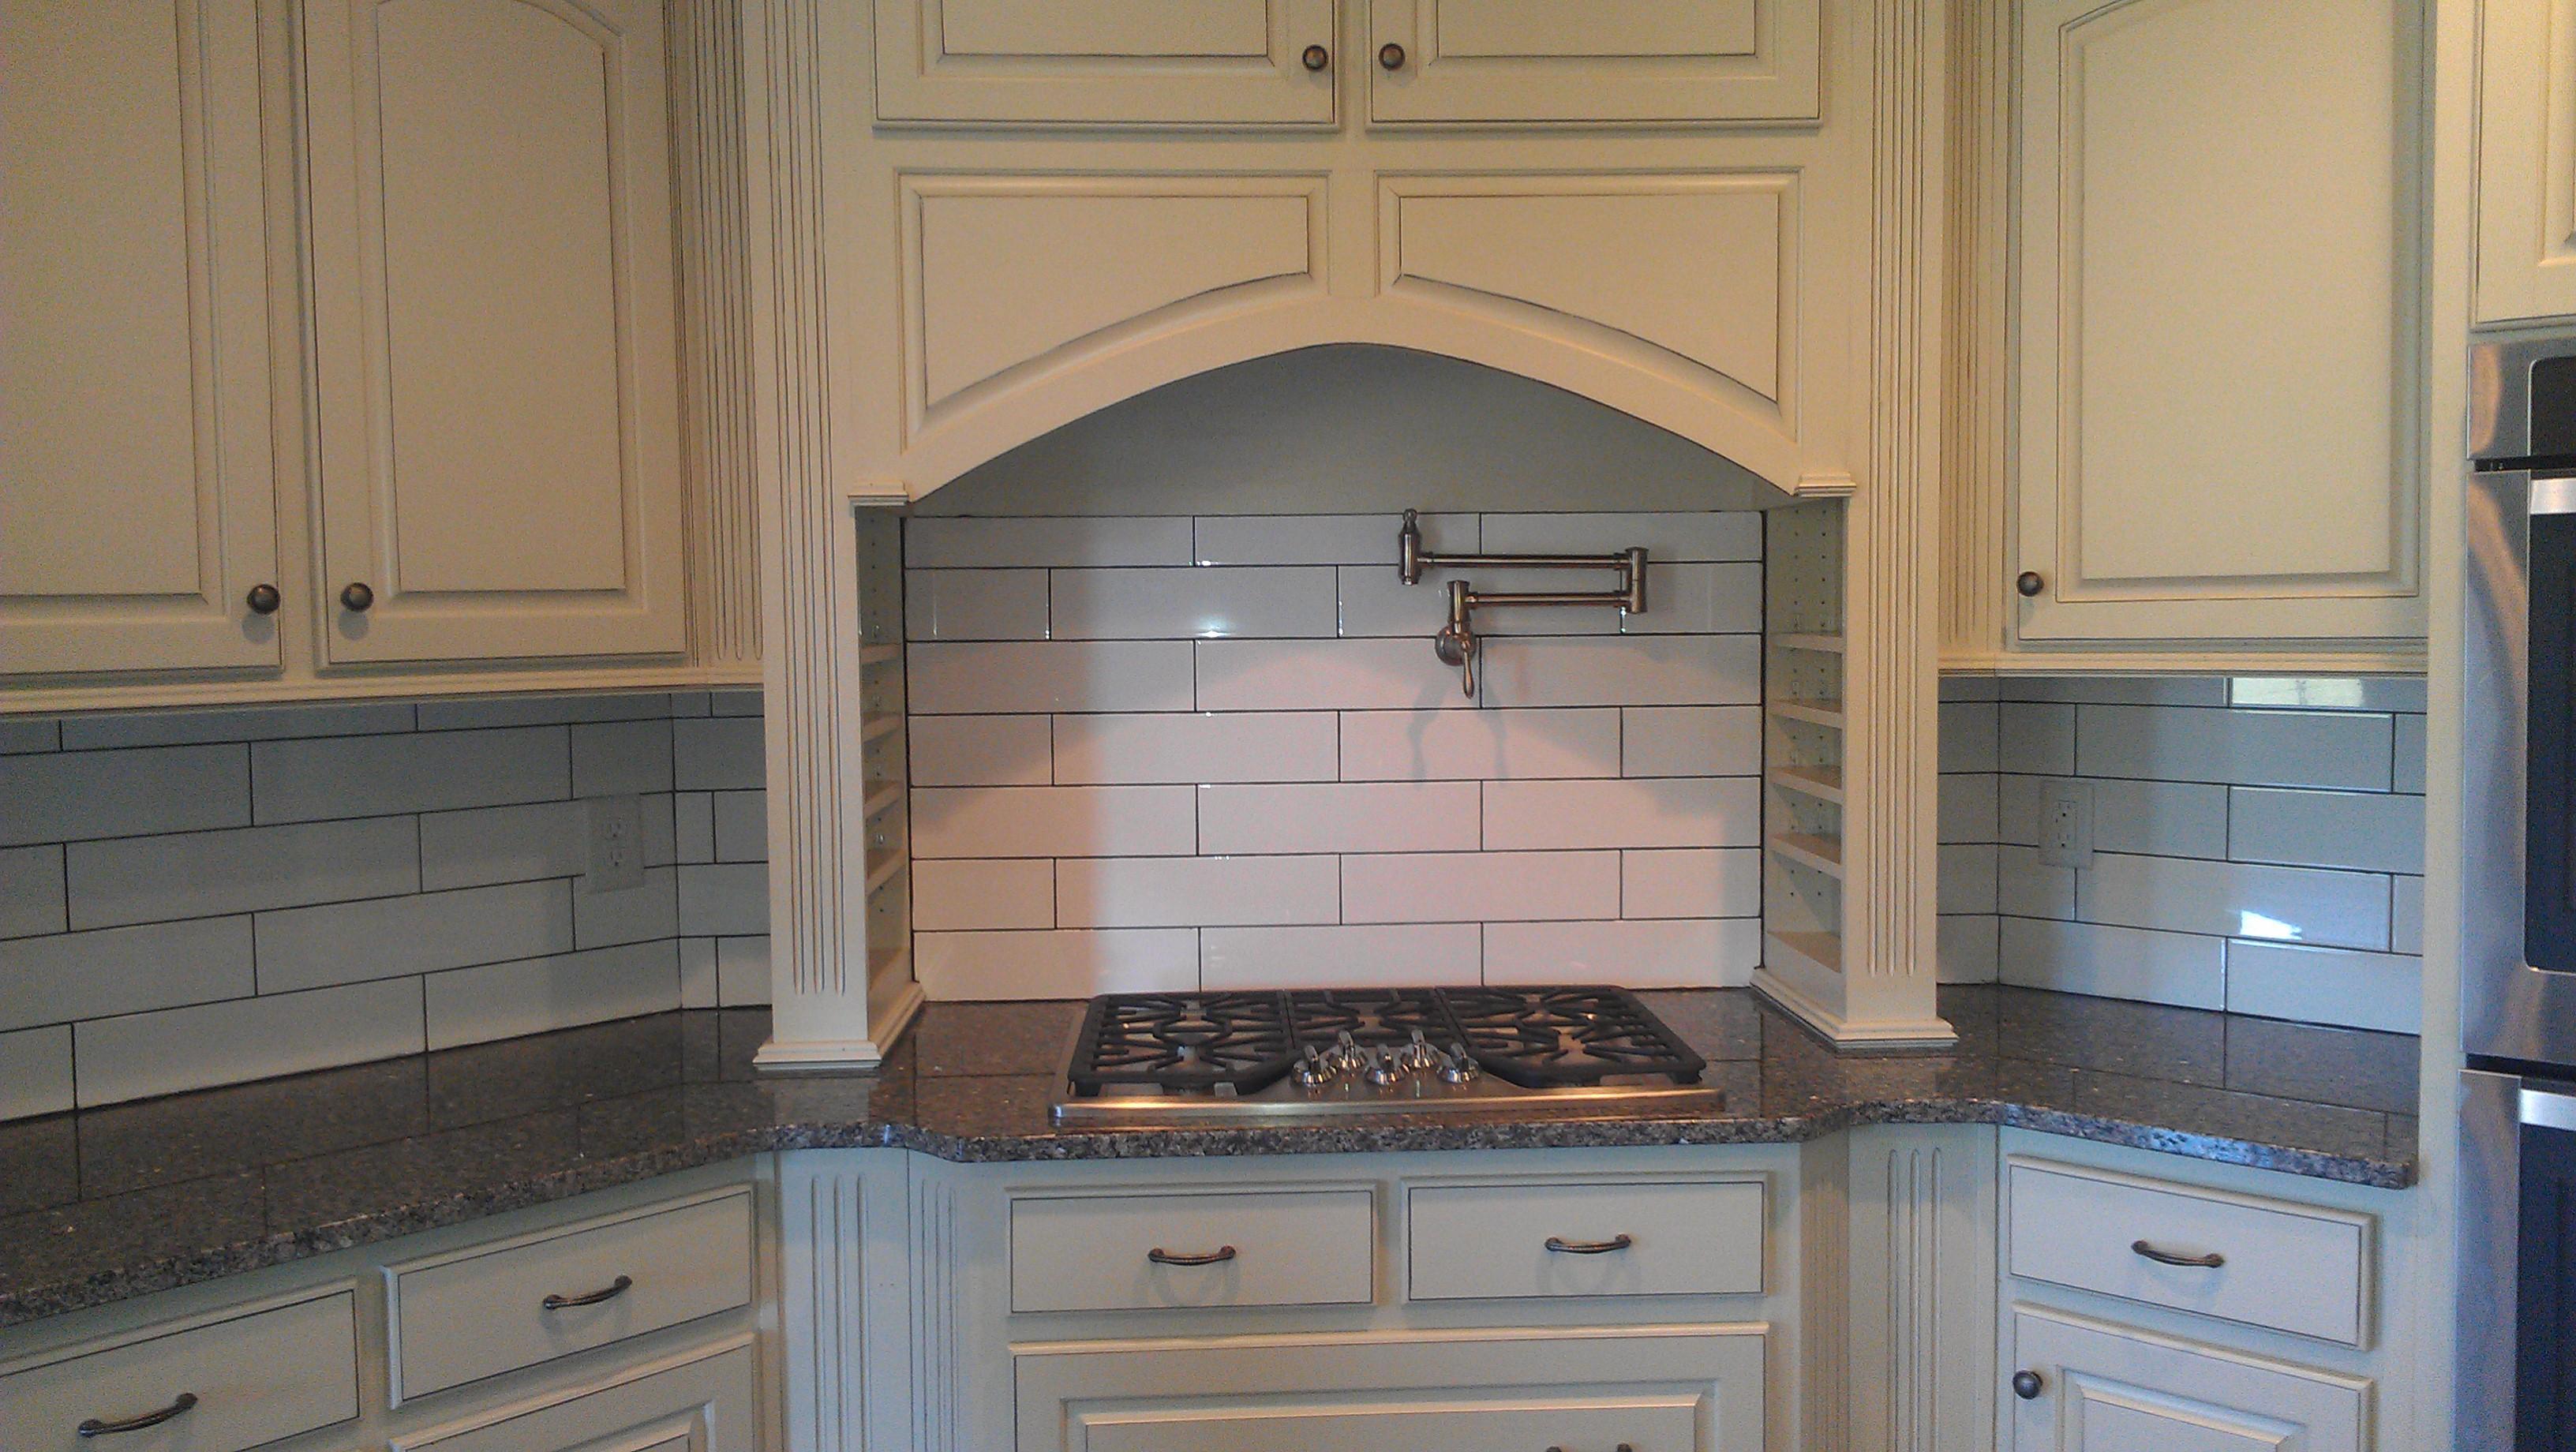 kitchen-custom backsplash Lot 332 CG